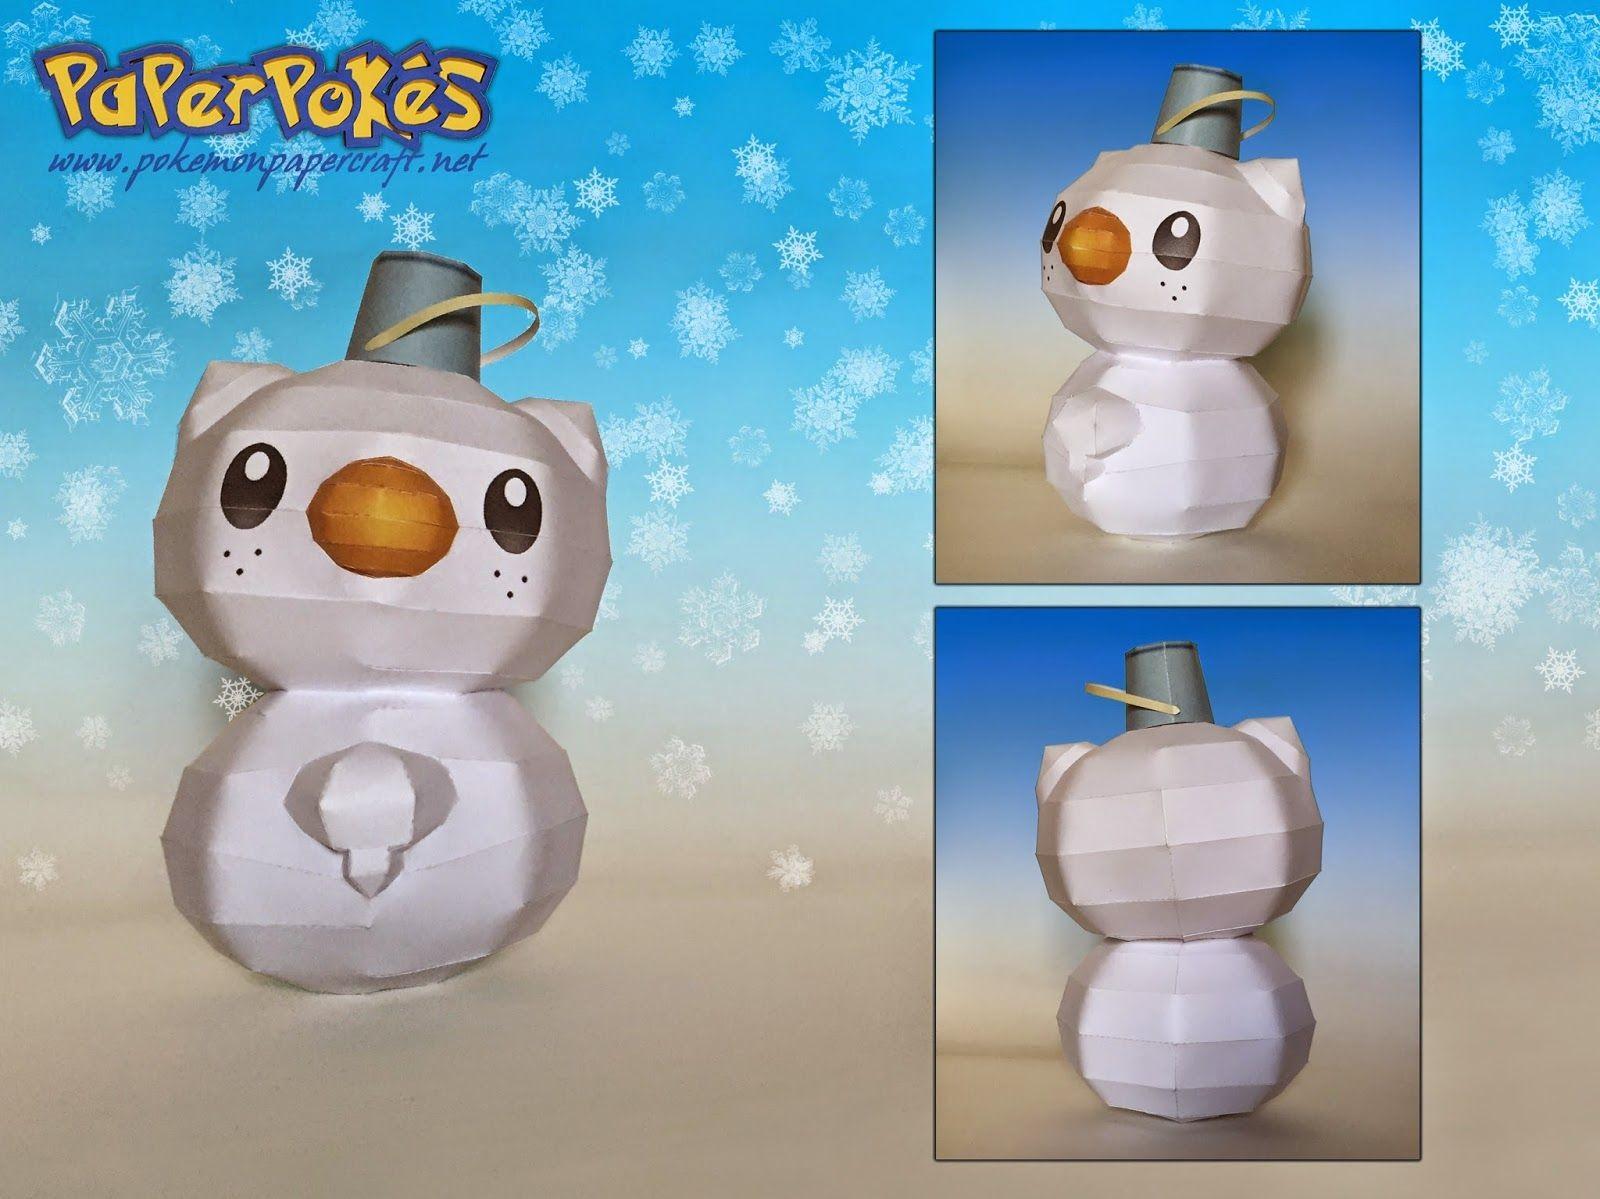 Poke Papercraft Paperpokés Pokémon Papercrafts Snowshawott